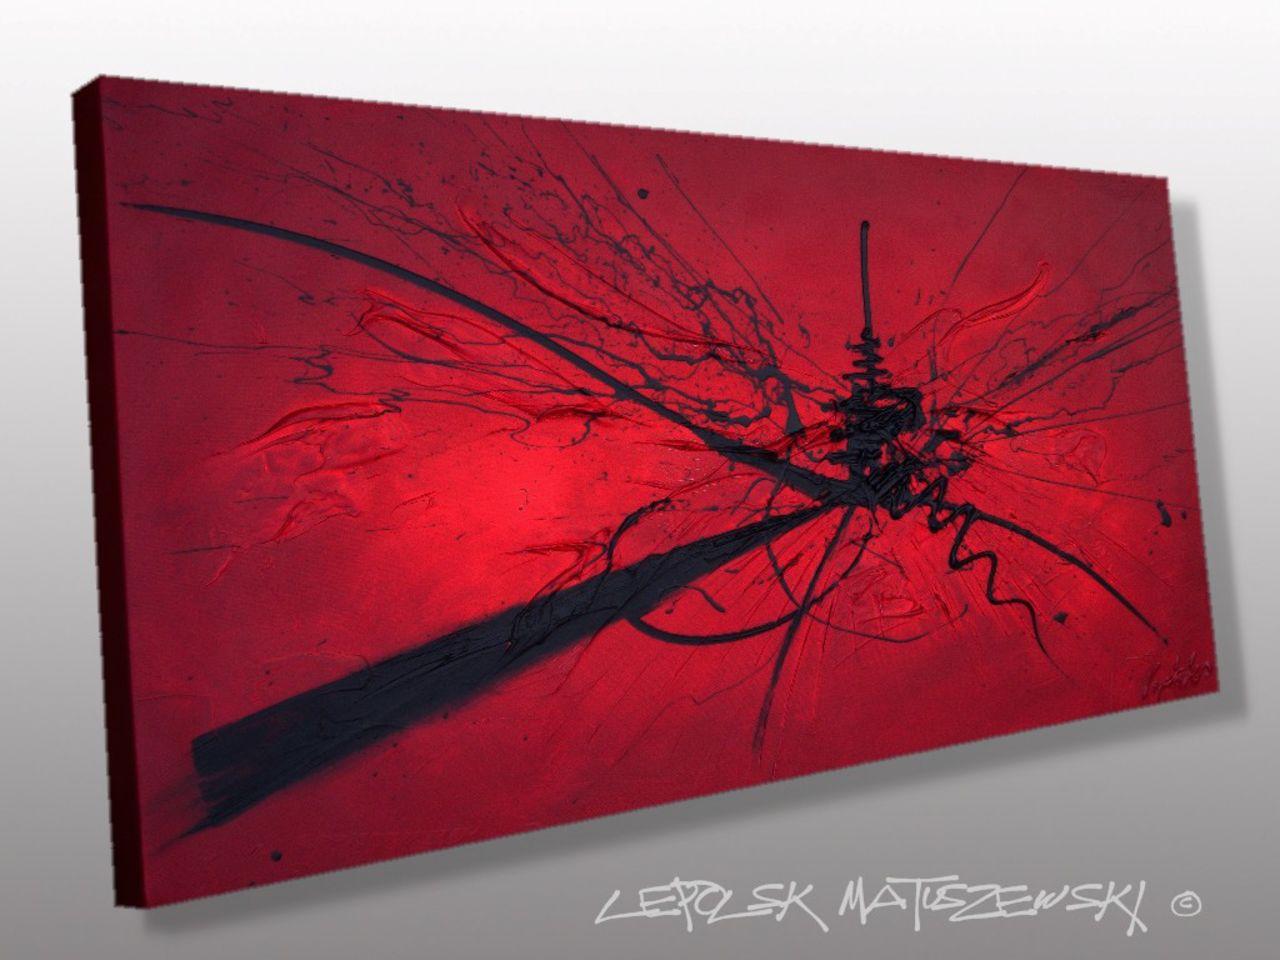 MISTER K  (Lepolsk Matuszewski) RED WORD